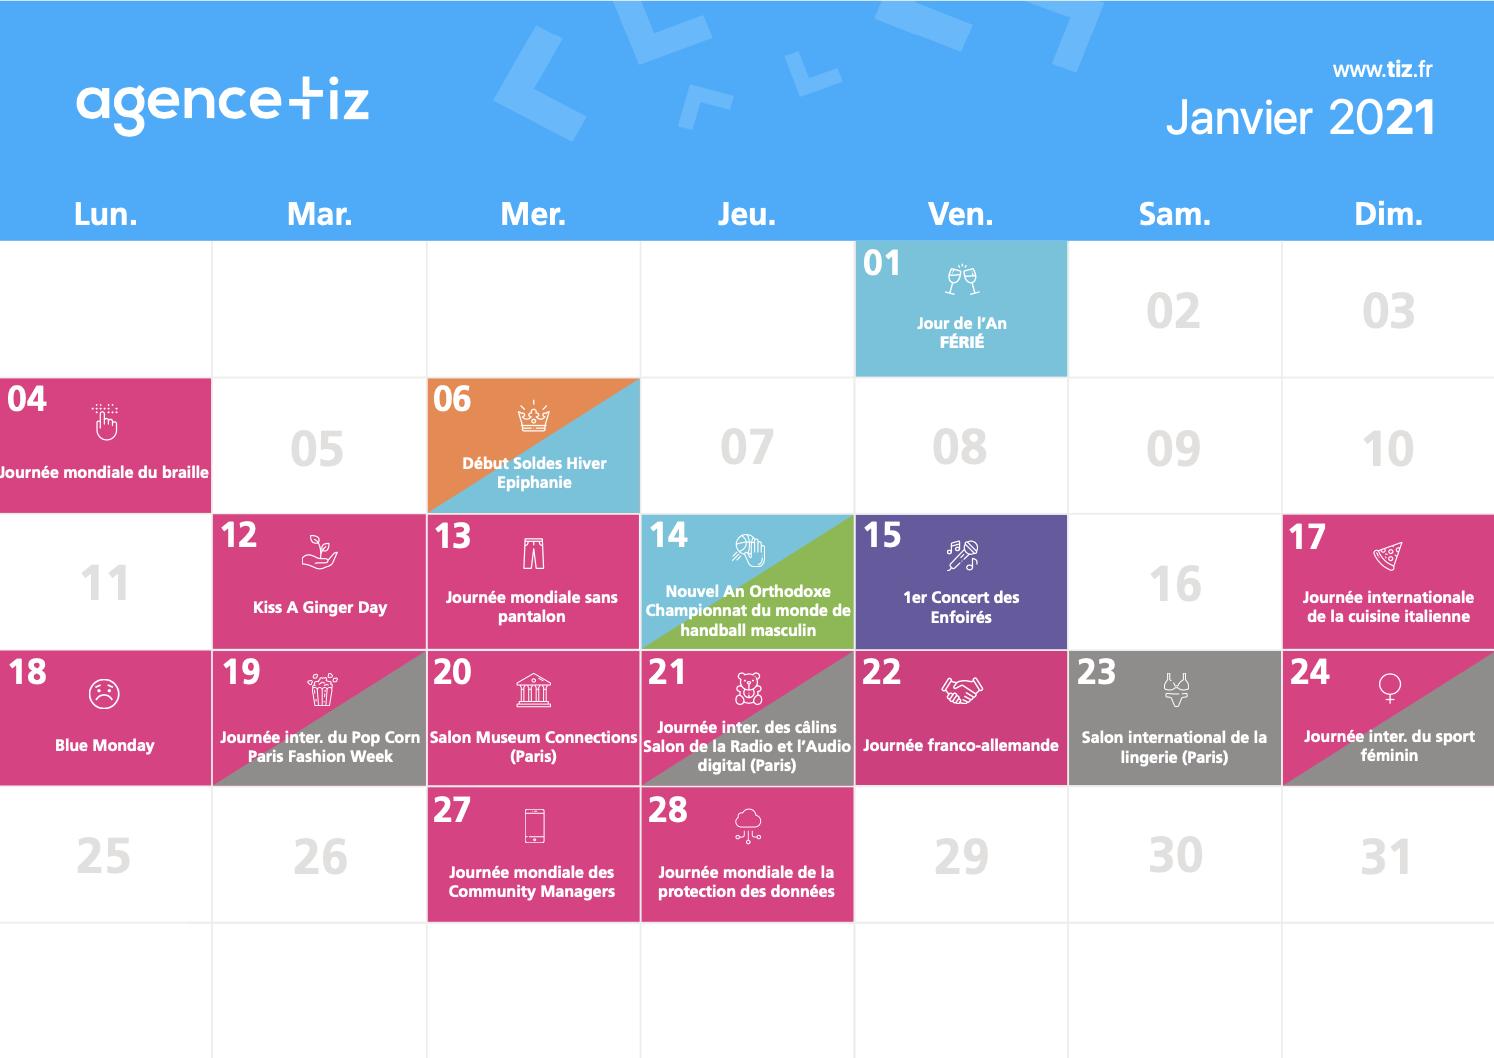 Calendrier marketing 2021 : la liste des événements de l'année   Tiz